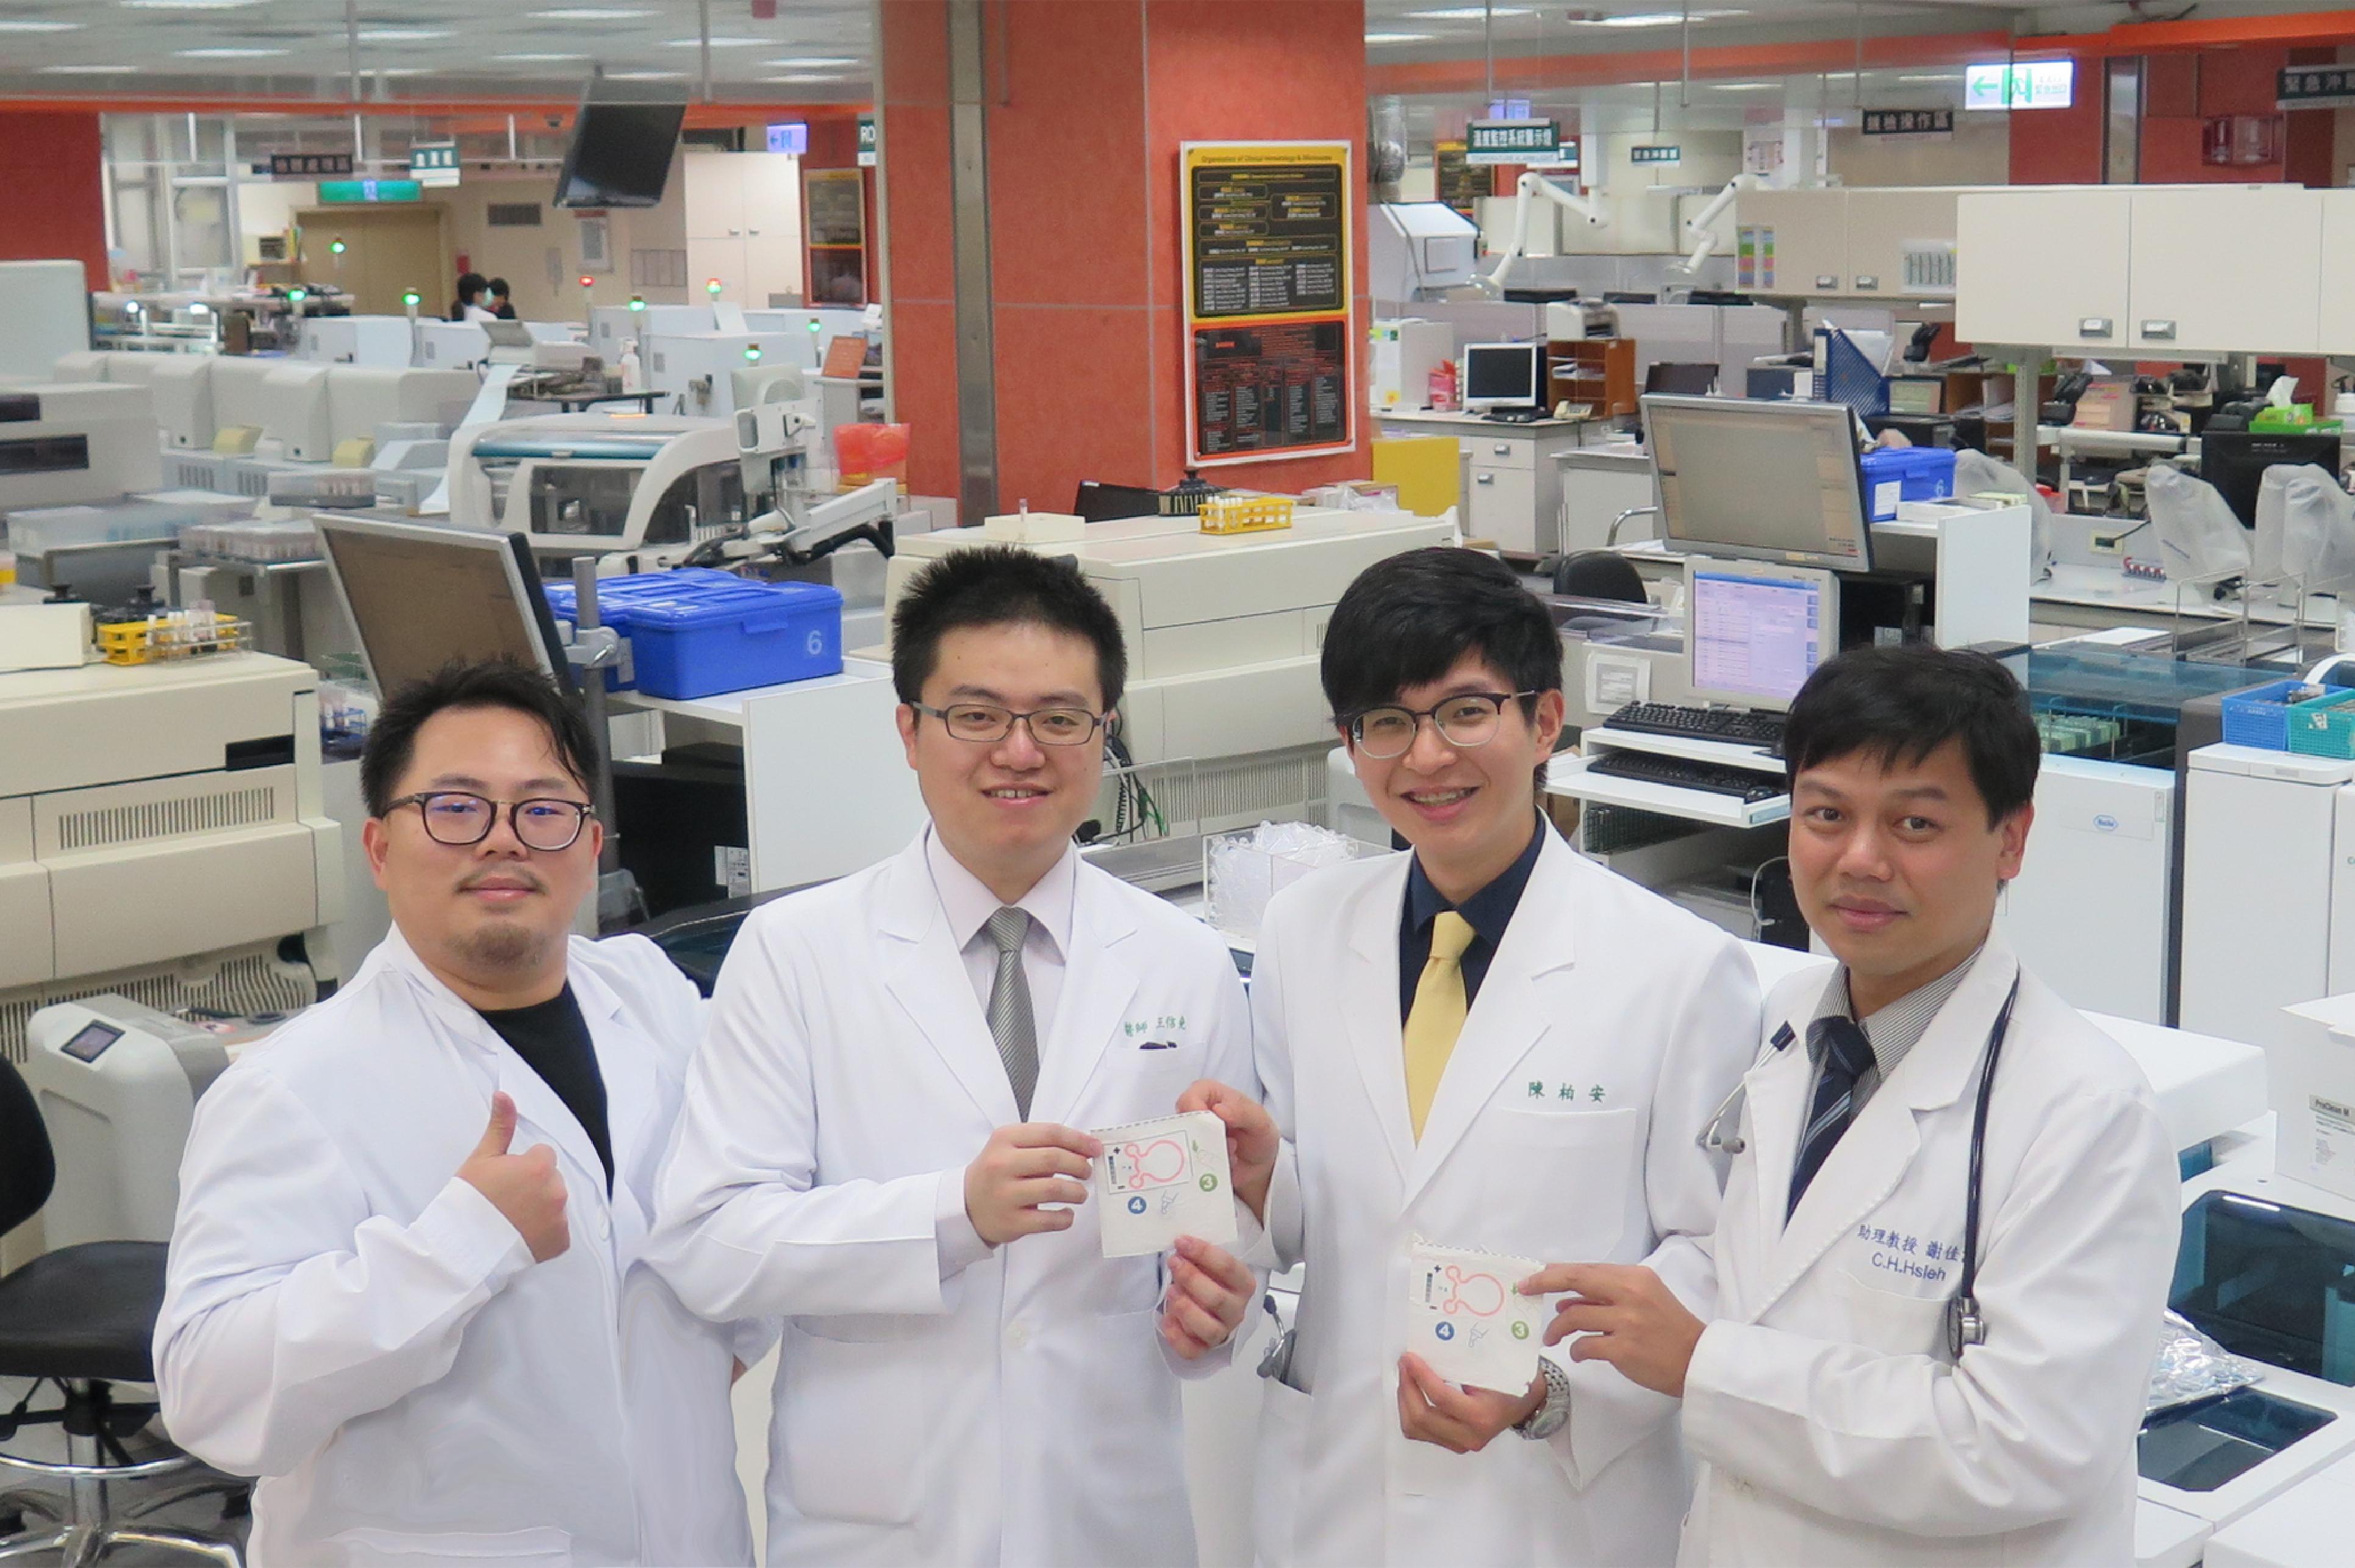 林口長庚醫師與博士學生之研發團隊